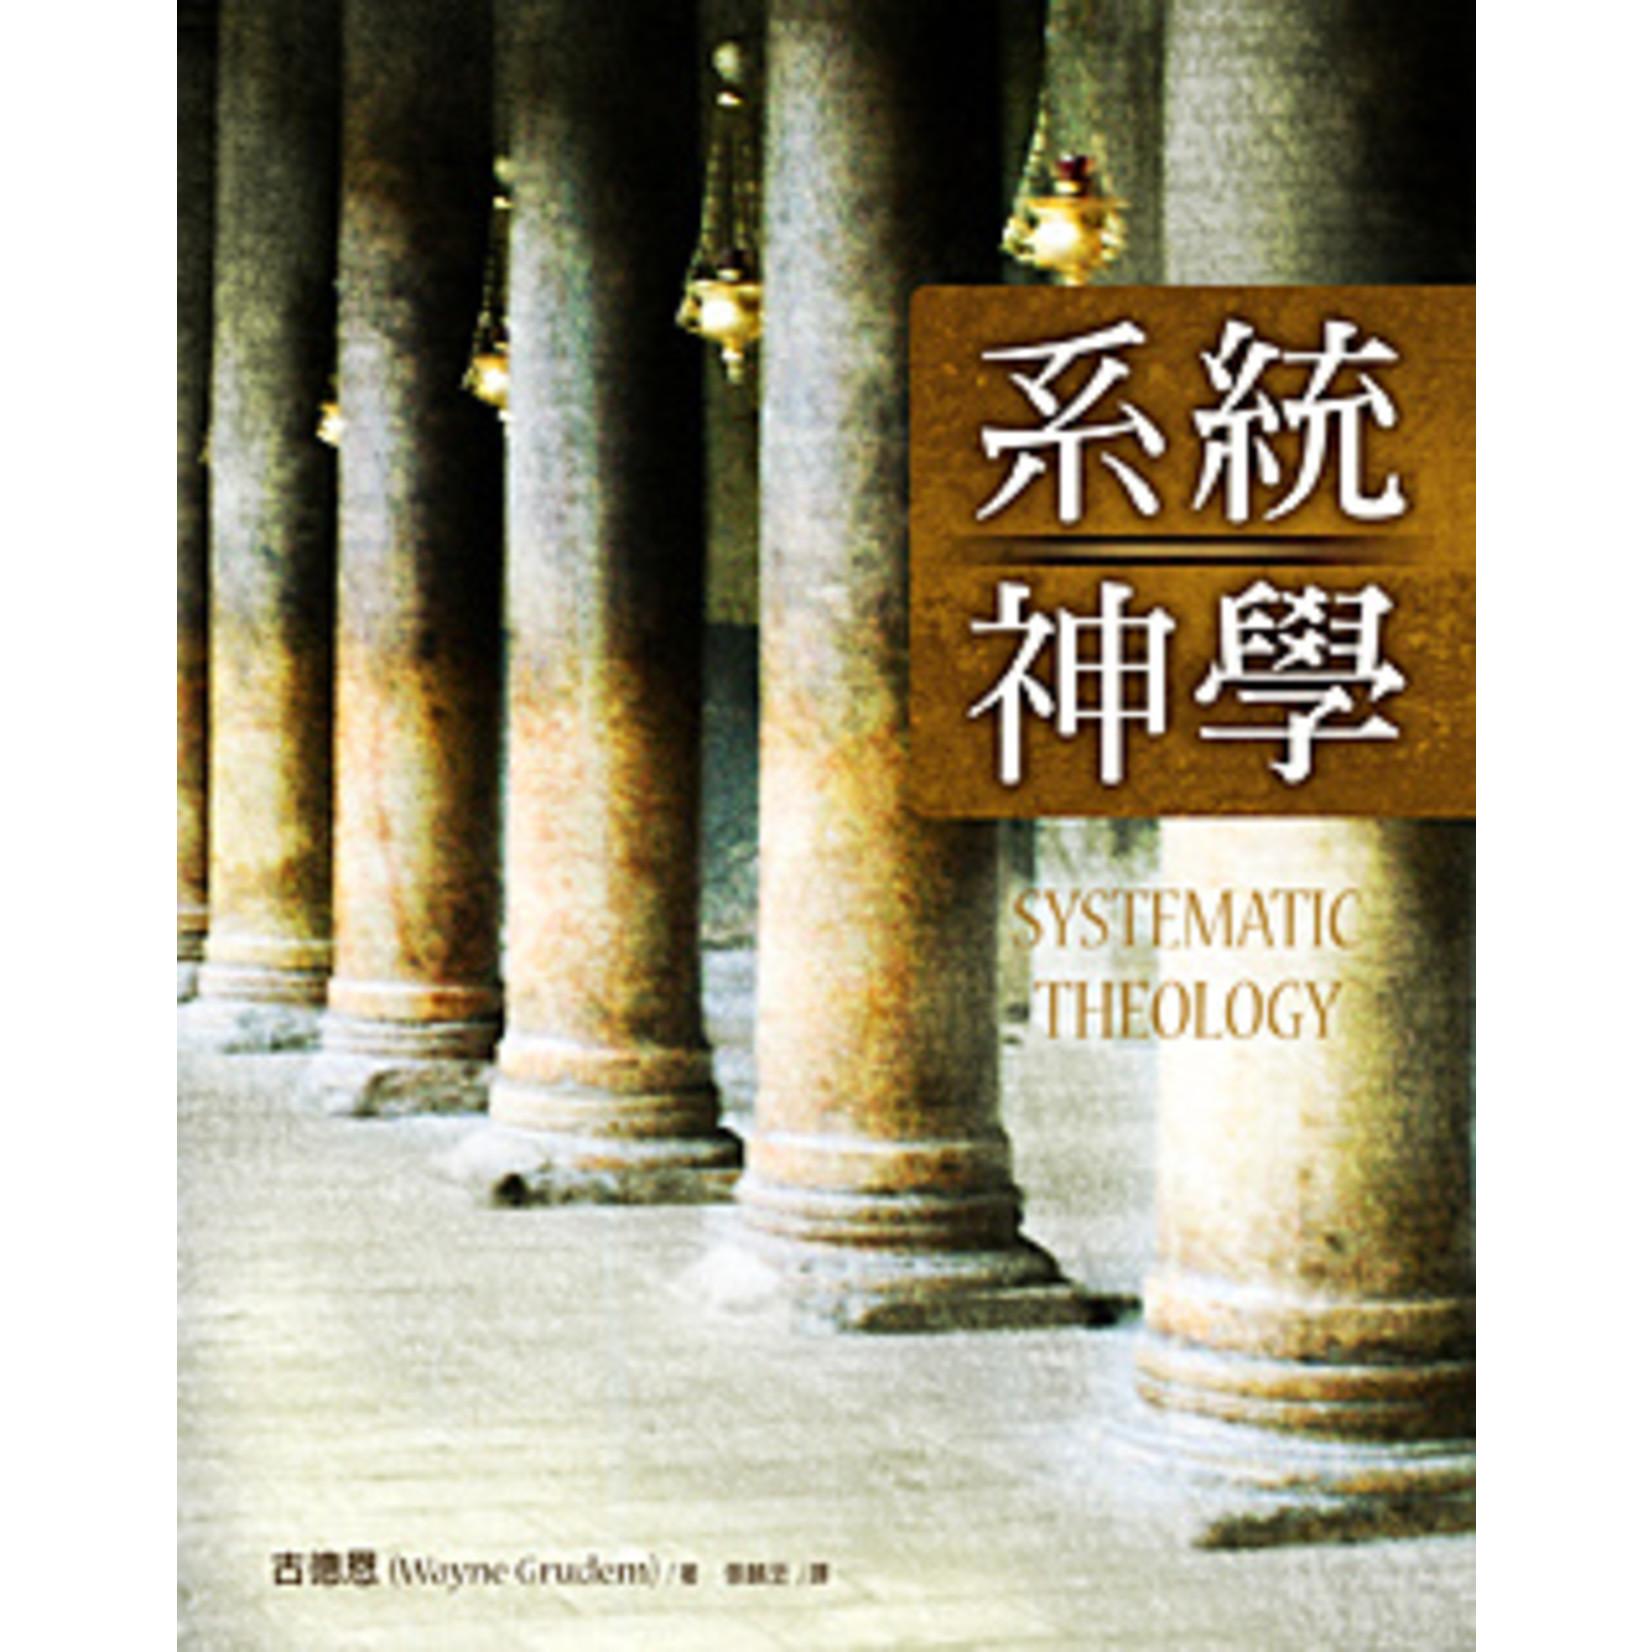 更新傳道會 Christian Renewal Ministries 系統神學(繁體) SYSTEMATIC THEOLOGY